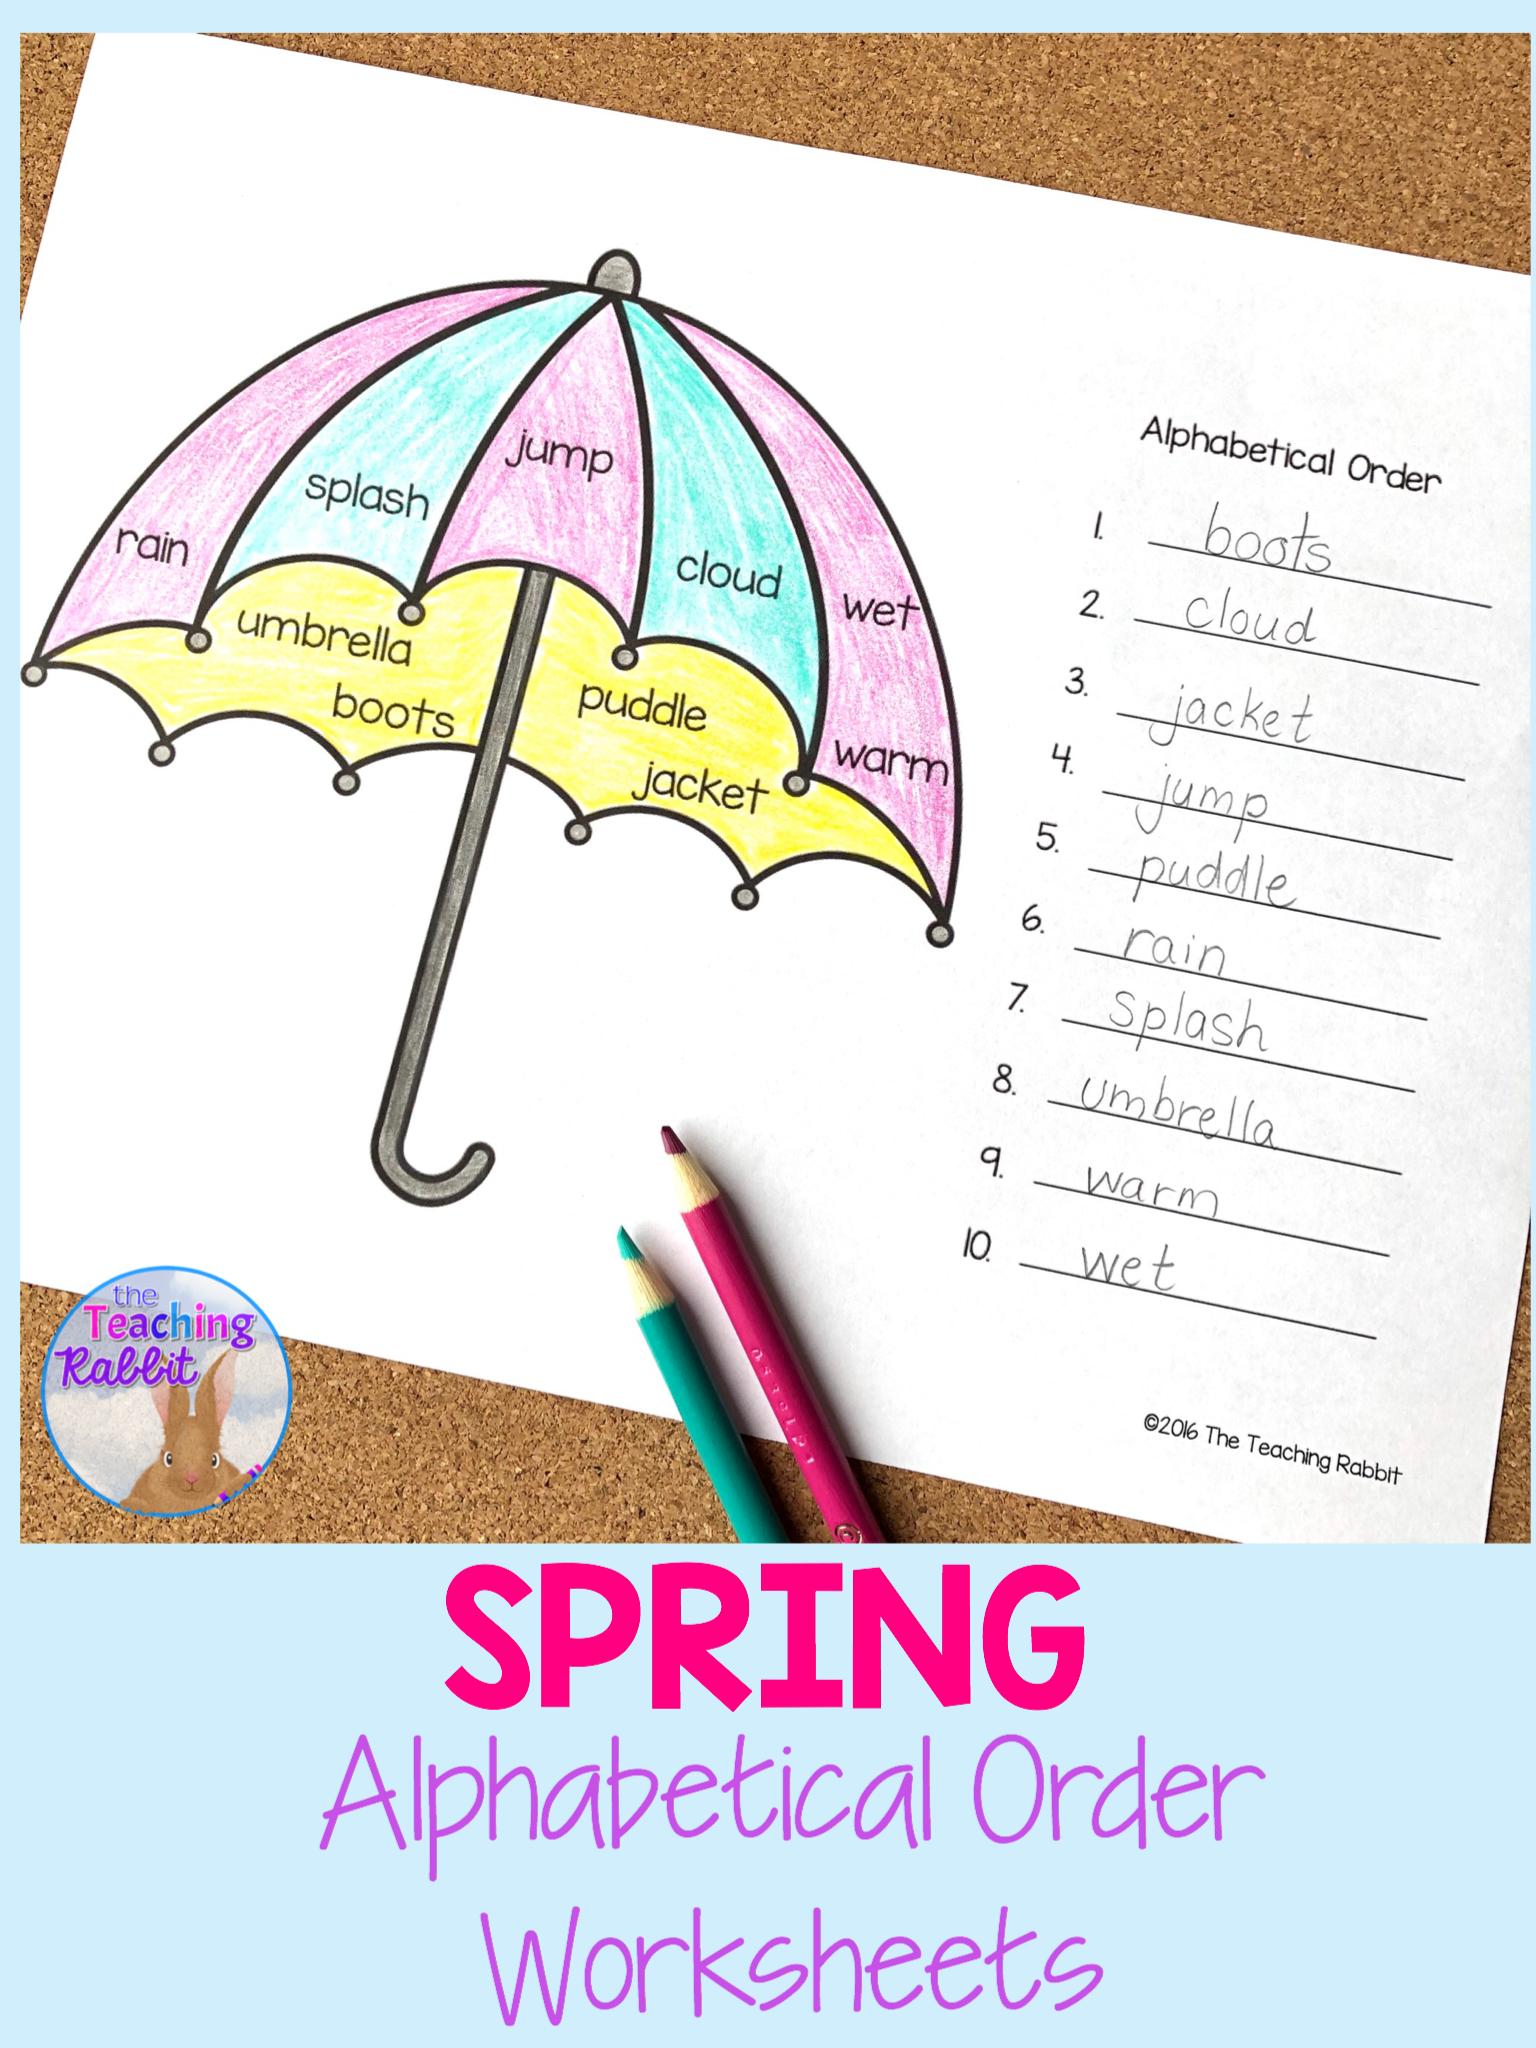 Alphabetical Order Worksheets Spring In